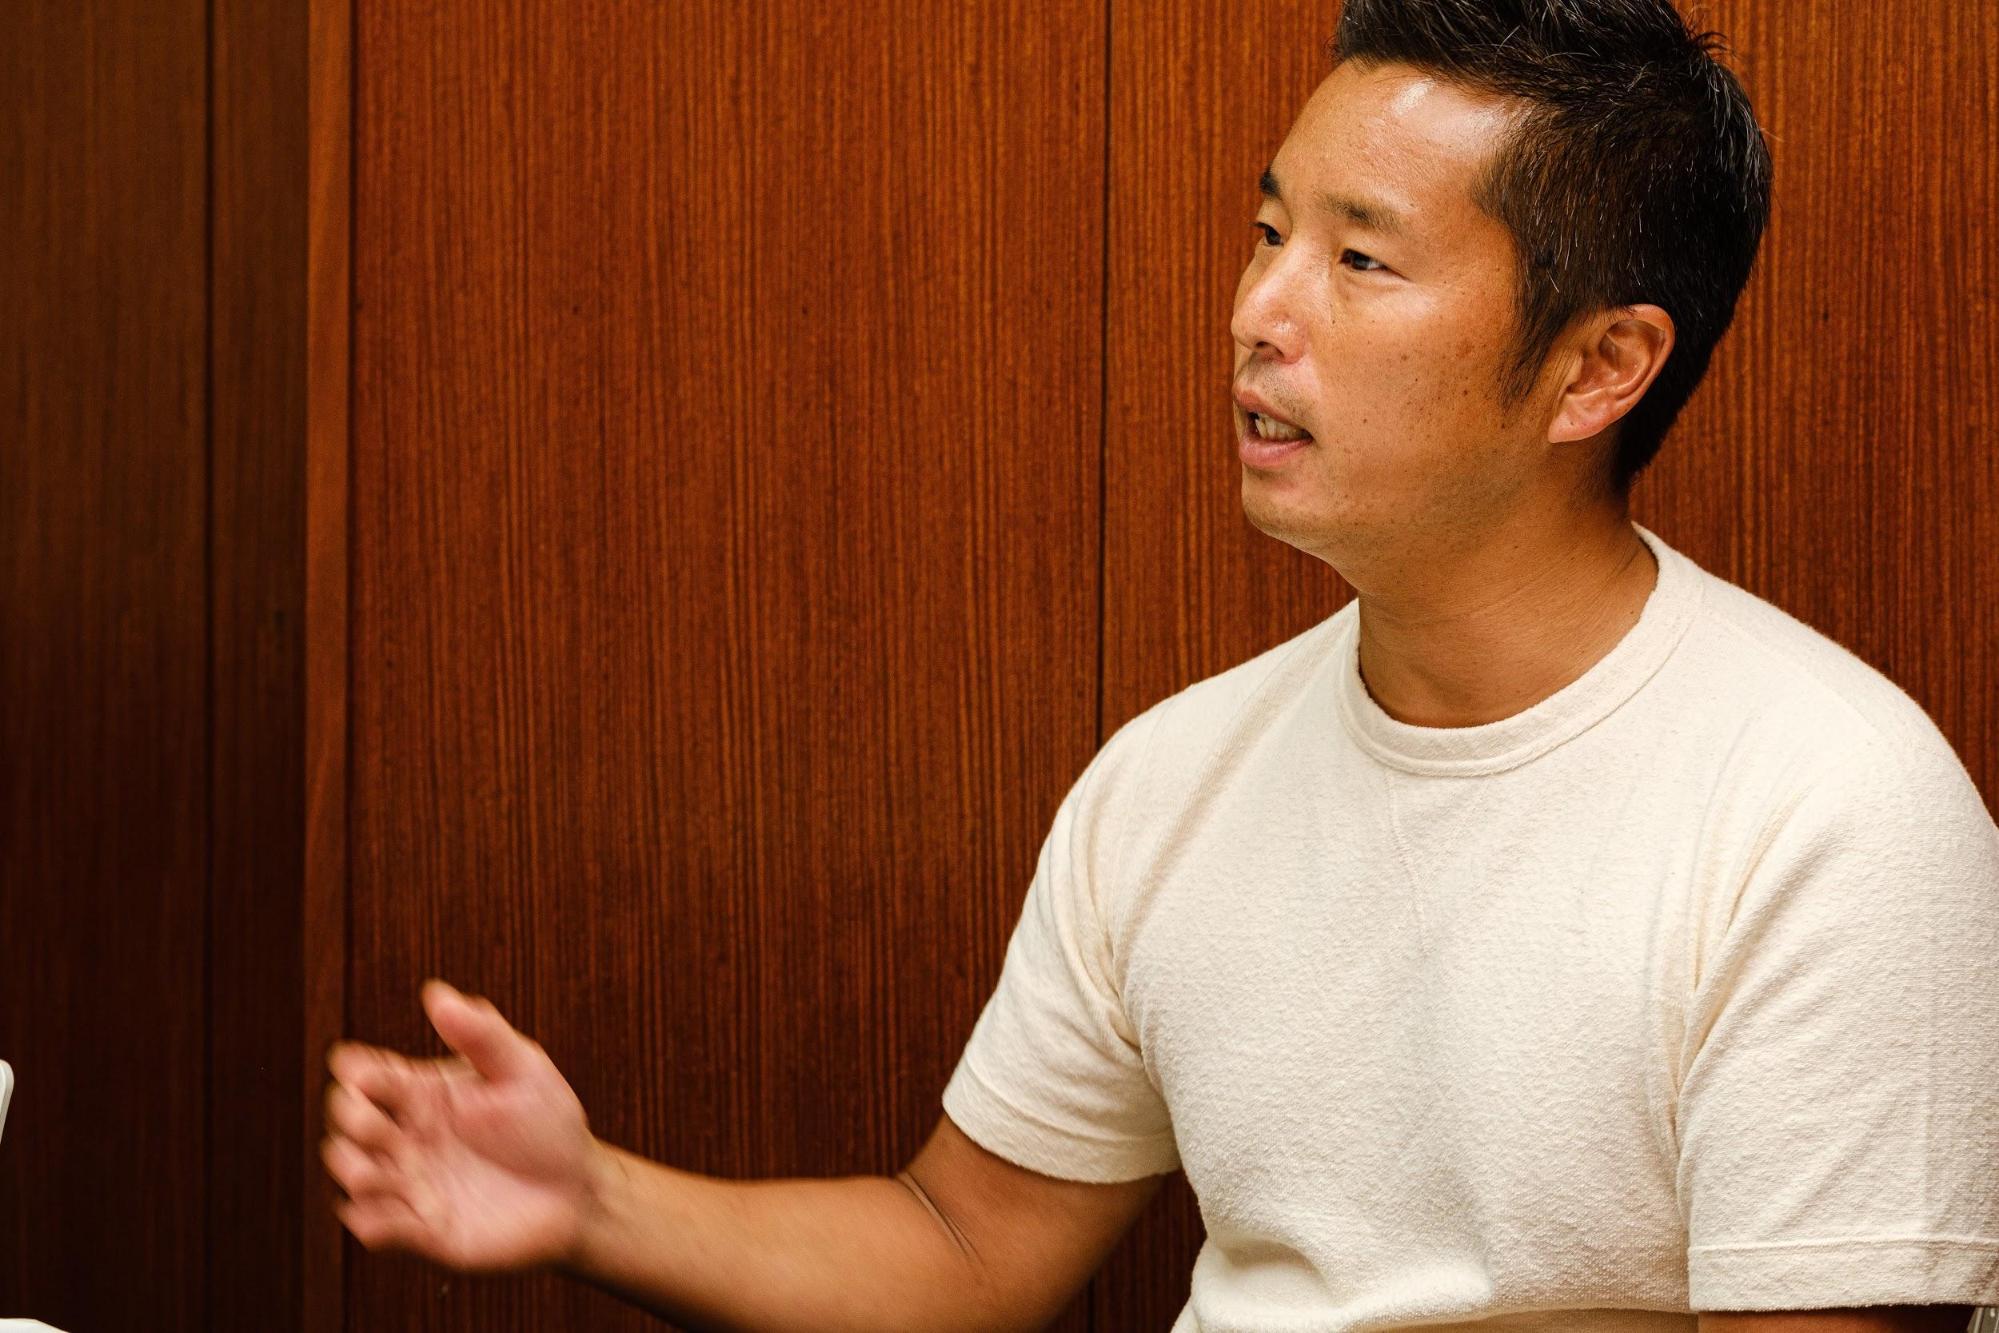 池田純さん身振りとともにお話しているカット